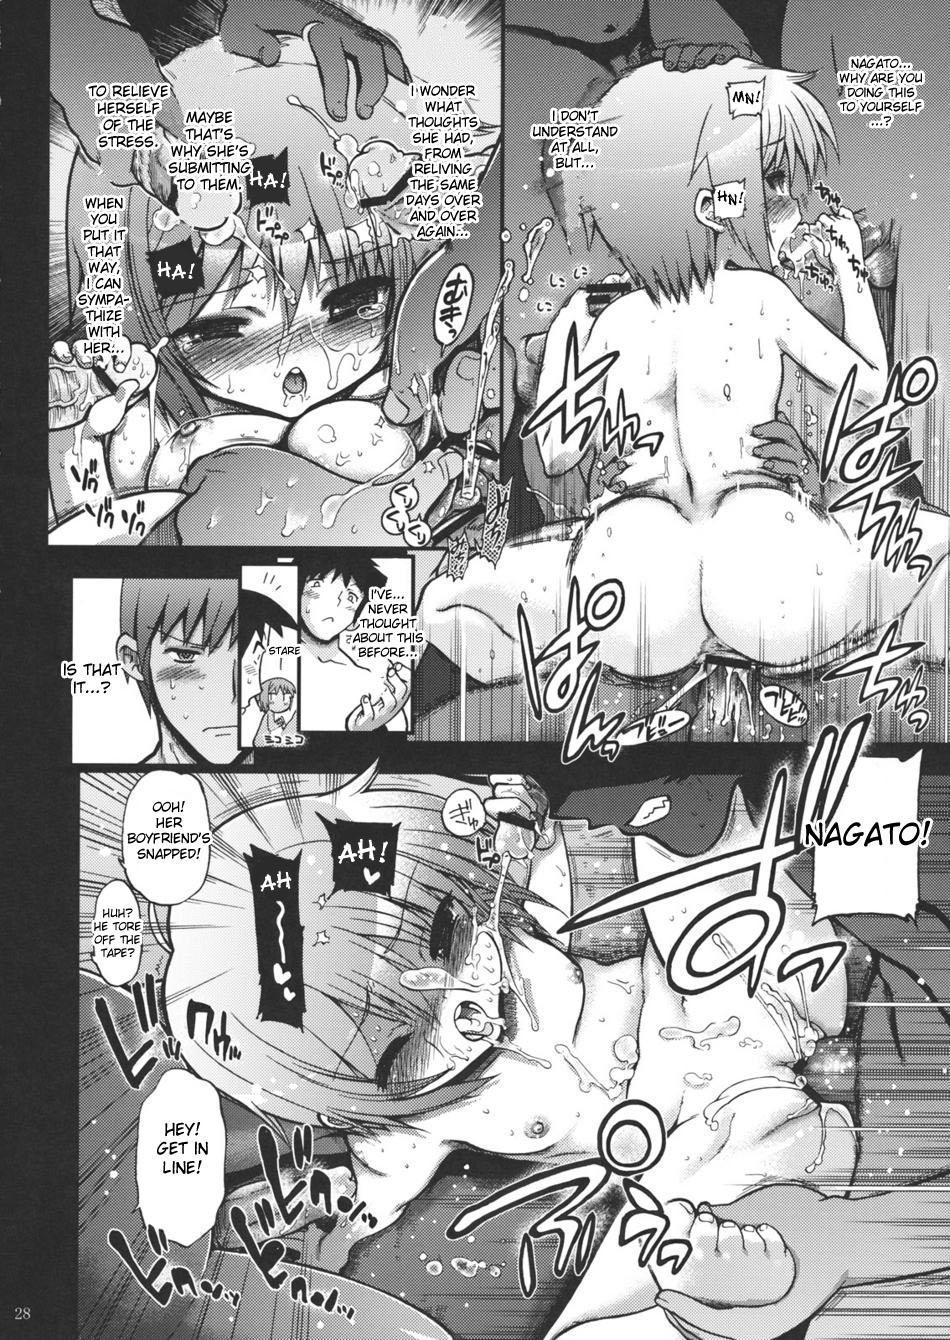 (C76) [Matsumoto Drill Kenkyuujo (Various)] 15513 Kaime no Nagato Yuki (Megane Nashi Ver) | The 15,513th Yuki Nagato (Suzumiya Haruhi no Yuuutsu) [English] [desudesu] 26